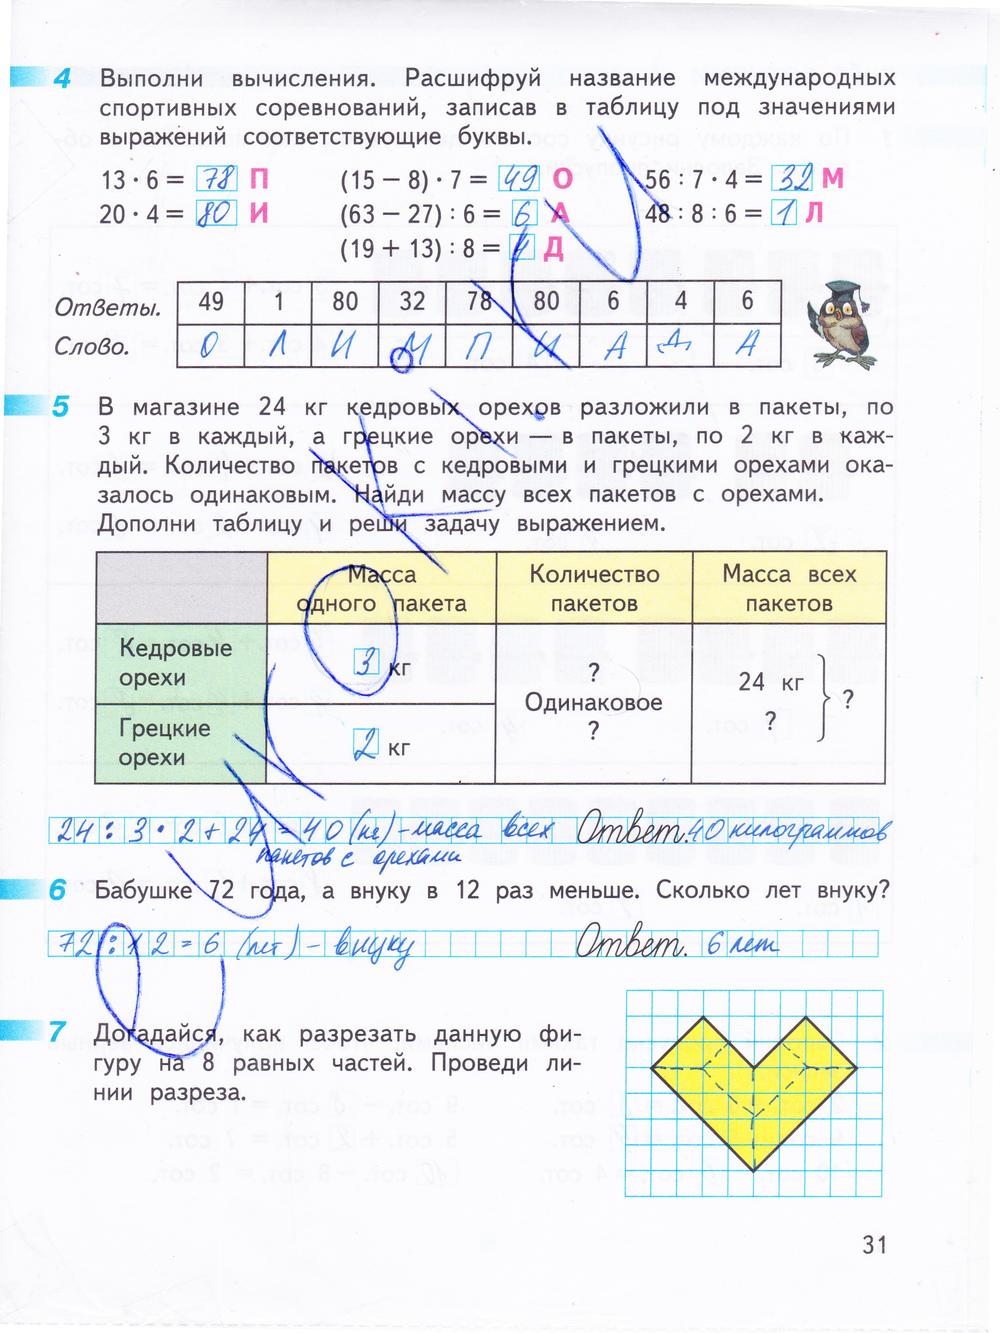 Гдз по математика 4 класс дорофеев рабочая тетрадь 2 часть